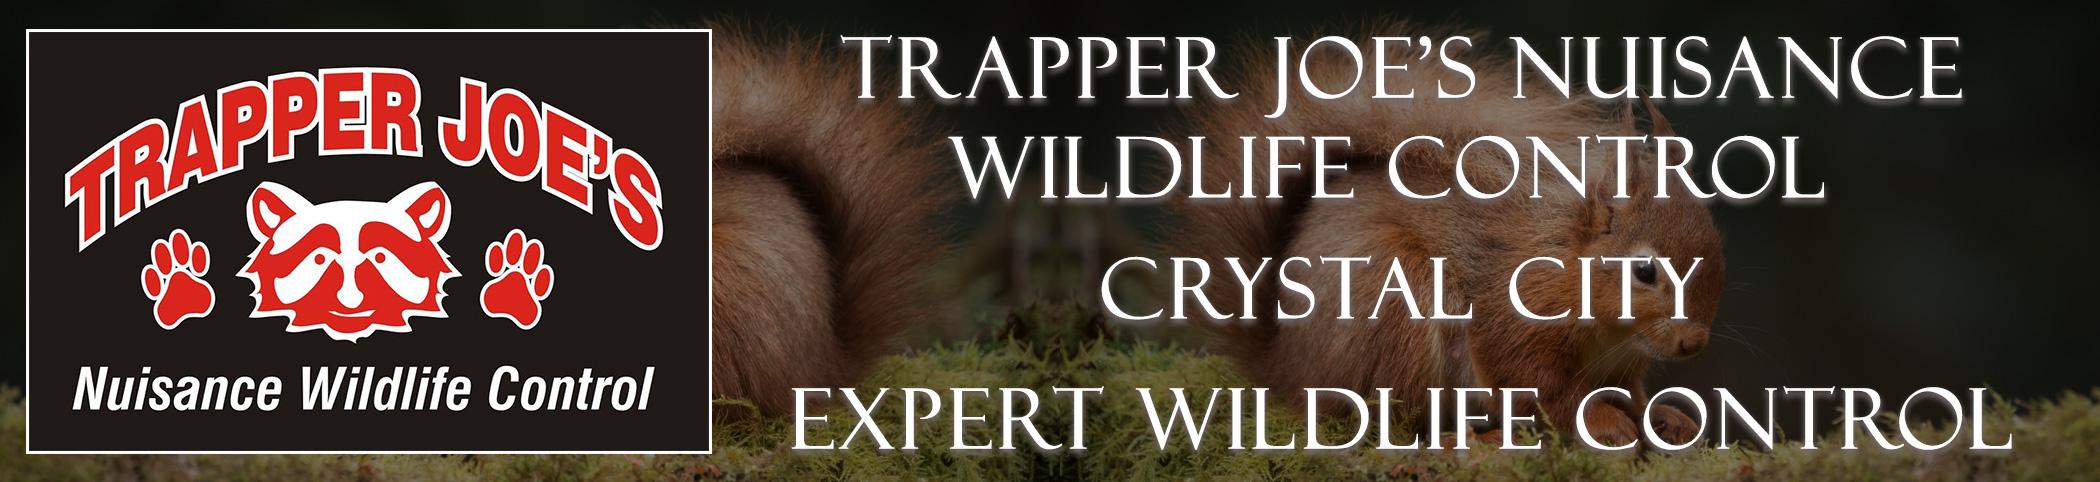 Trapper Joes Crystal City  Missoui header image